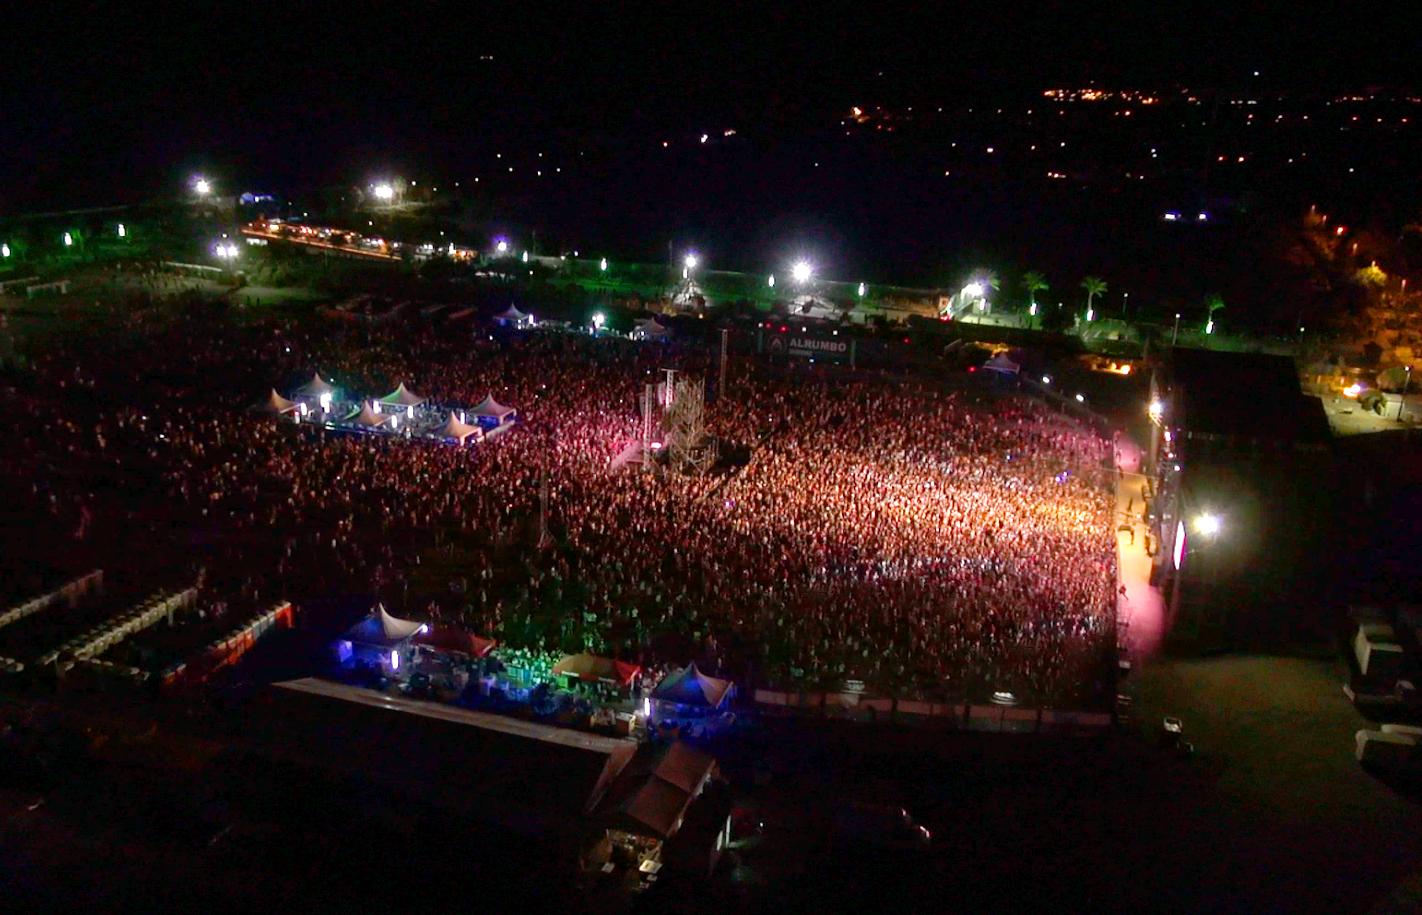 La pasada edición Alrumbo 2015 contó con más de 180000 asistentes